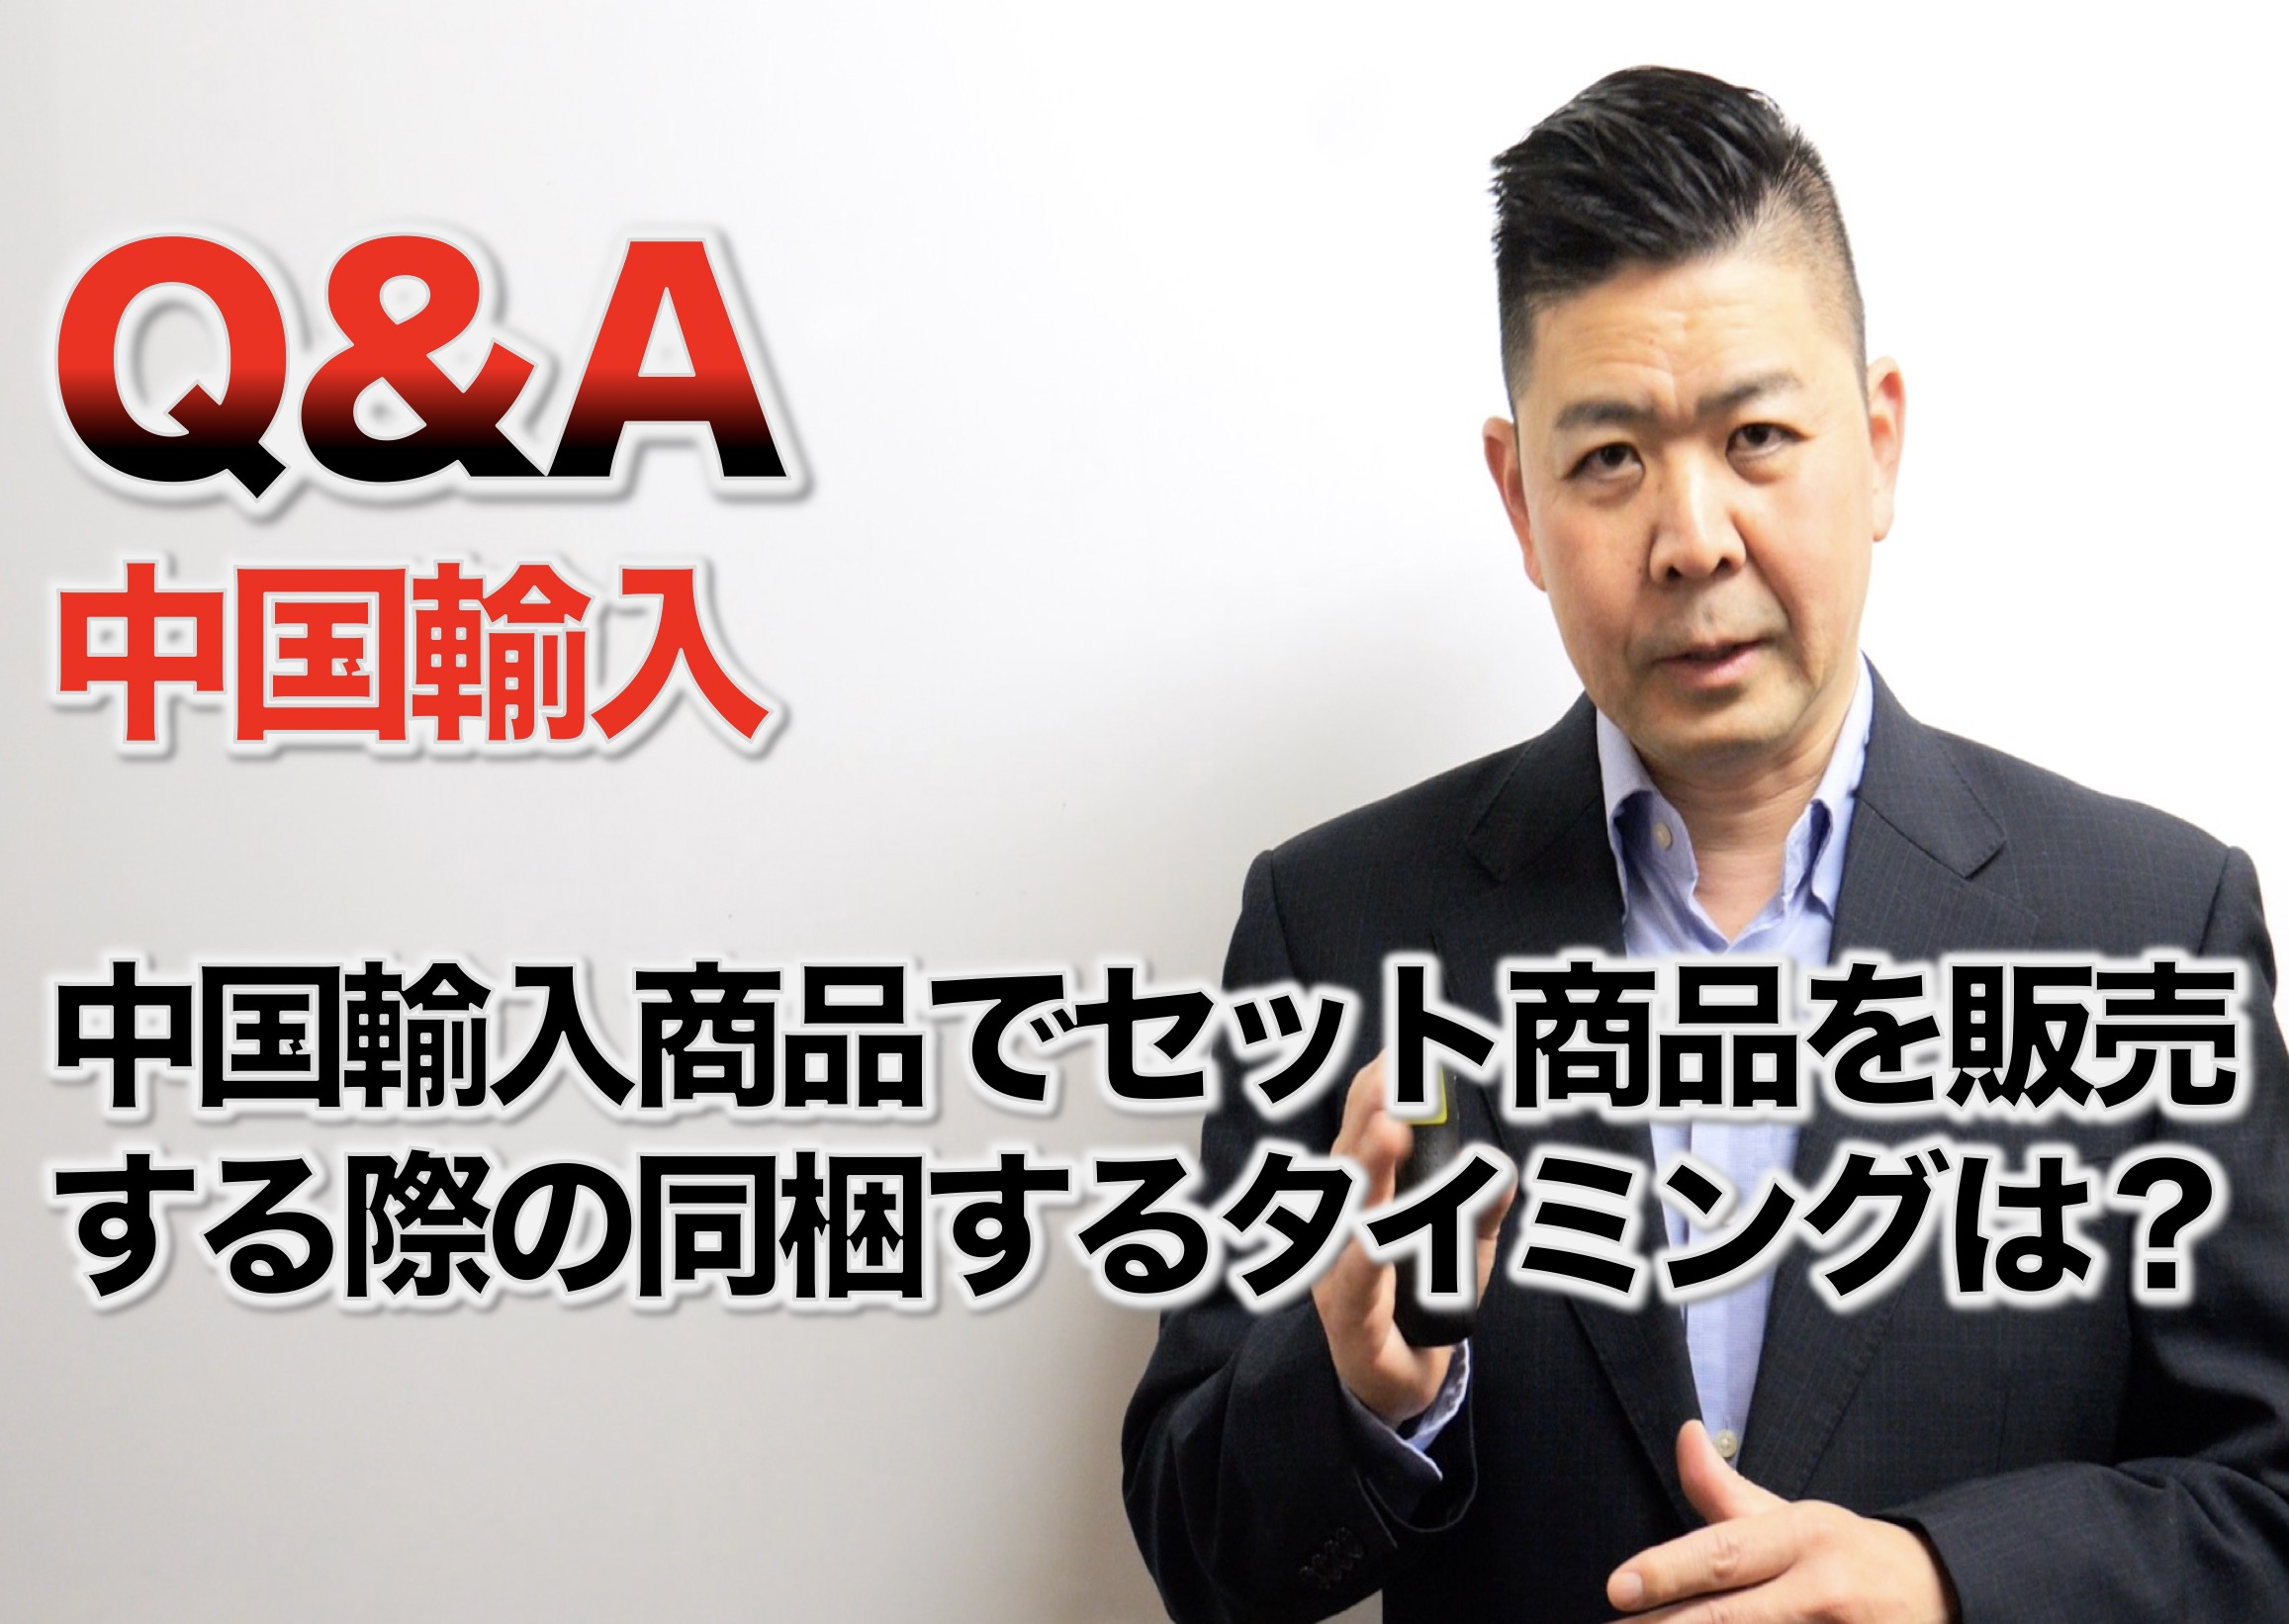 中国輸入 Q&A:セット商品を販売する際の同梱するタイミングは?